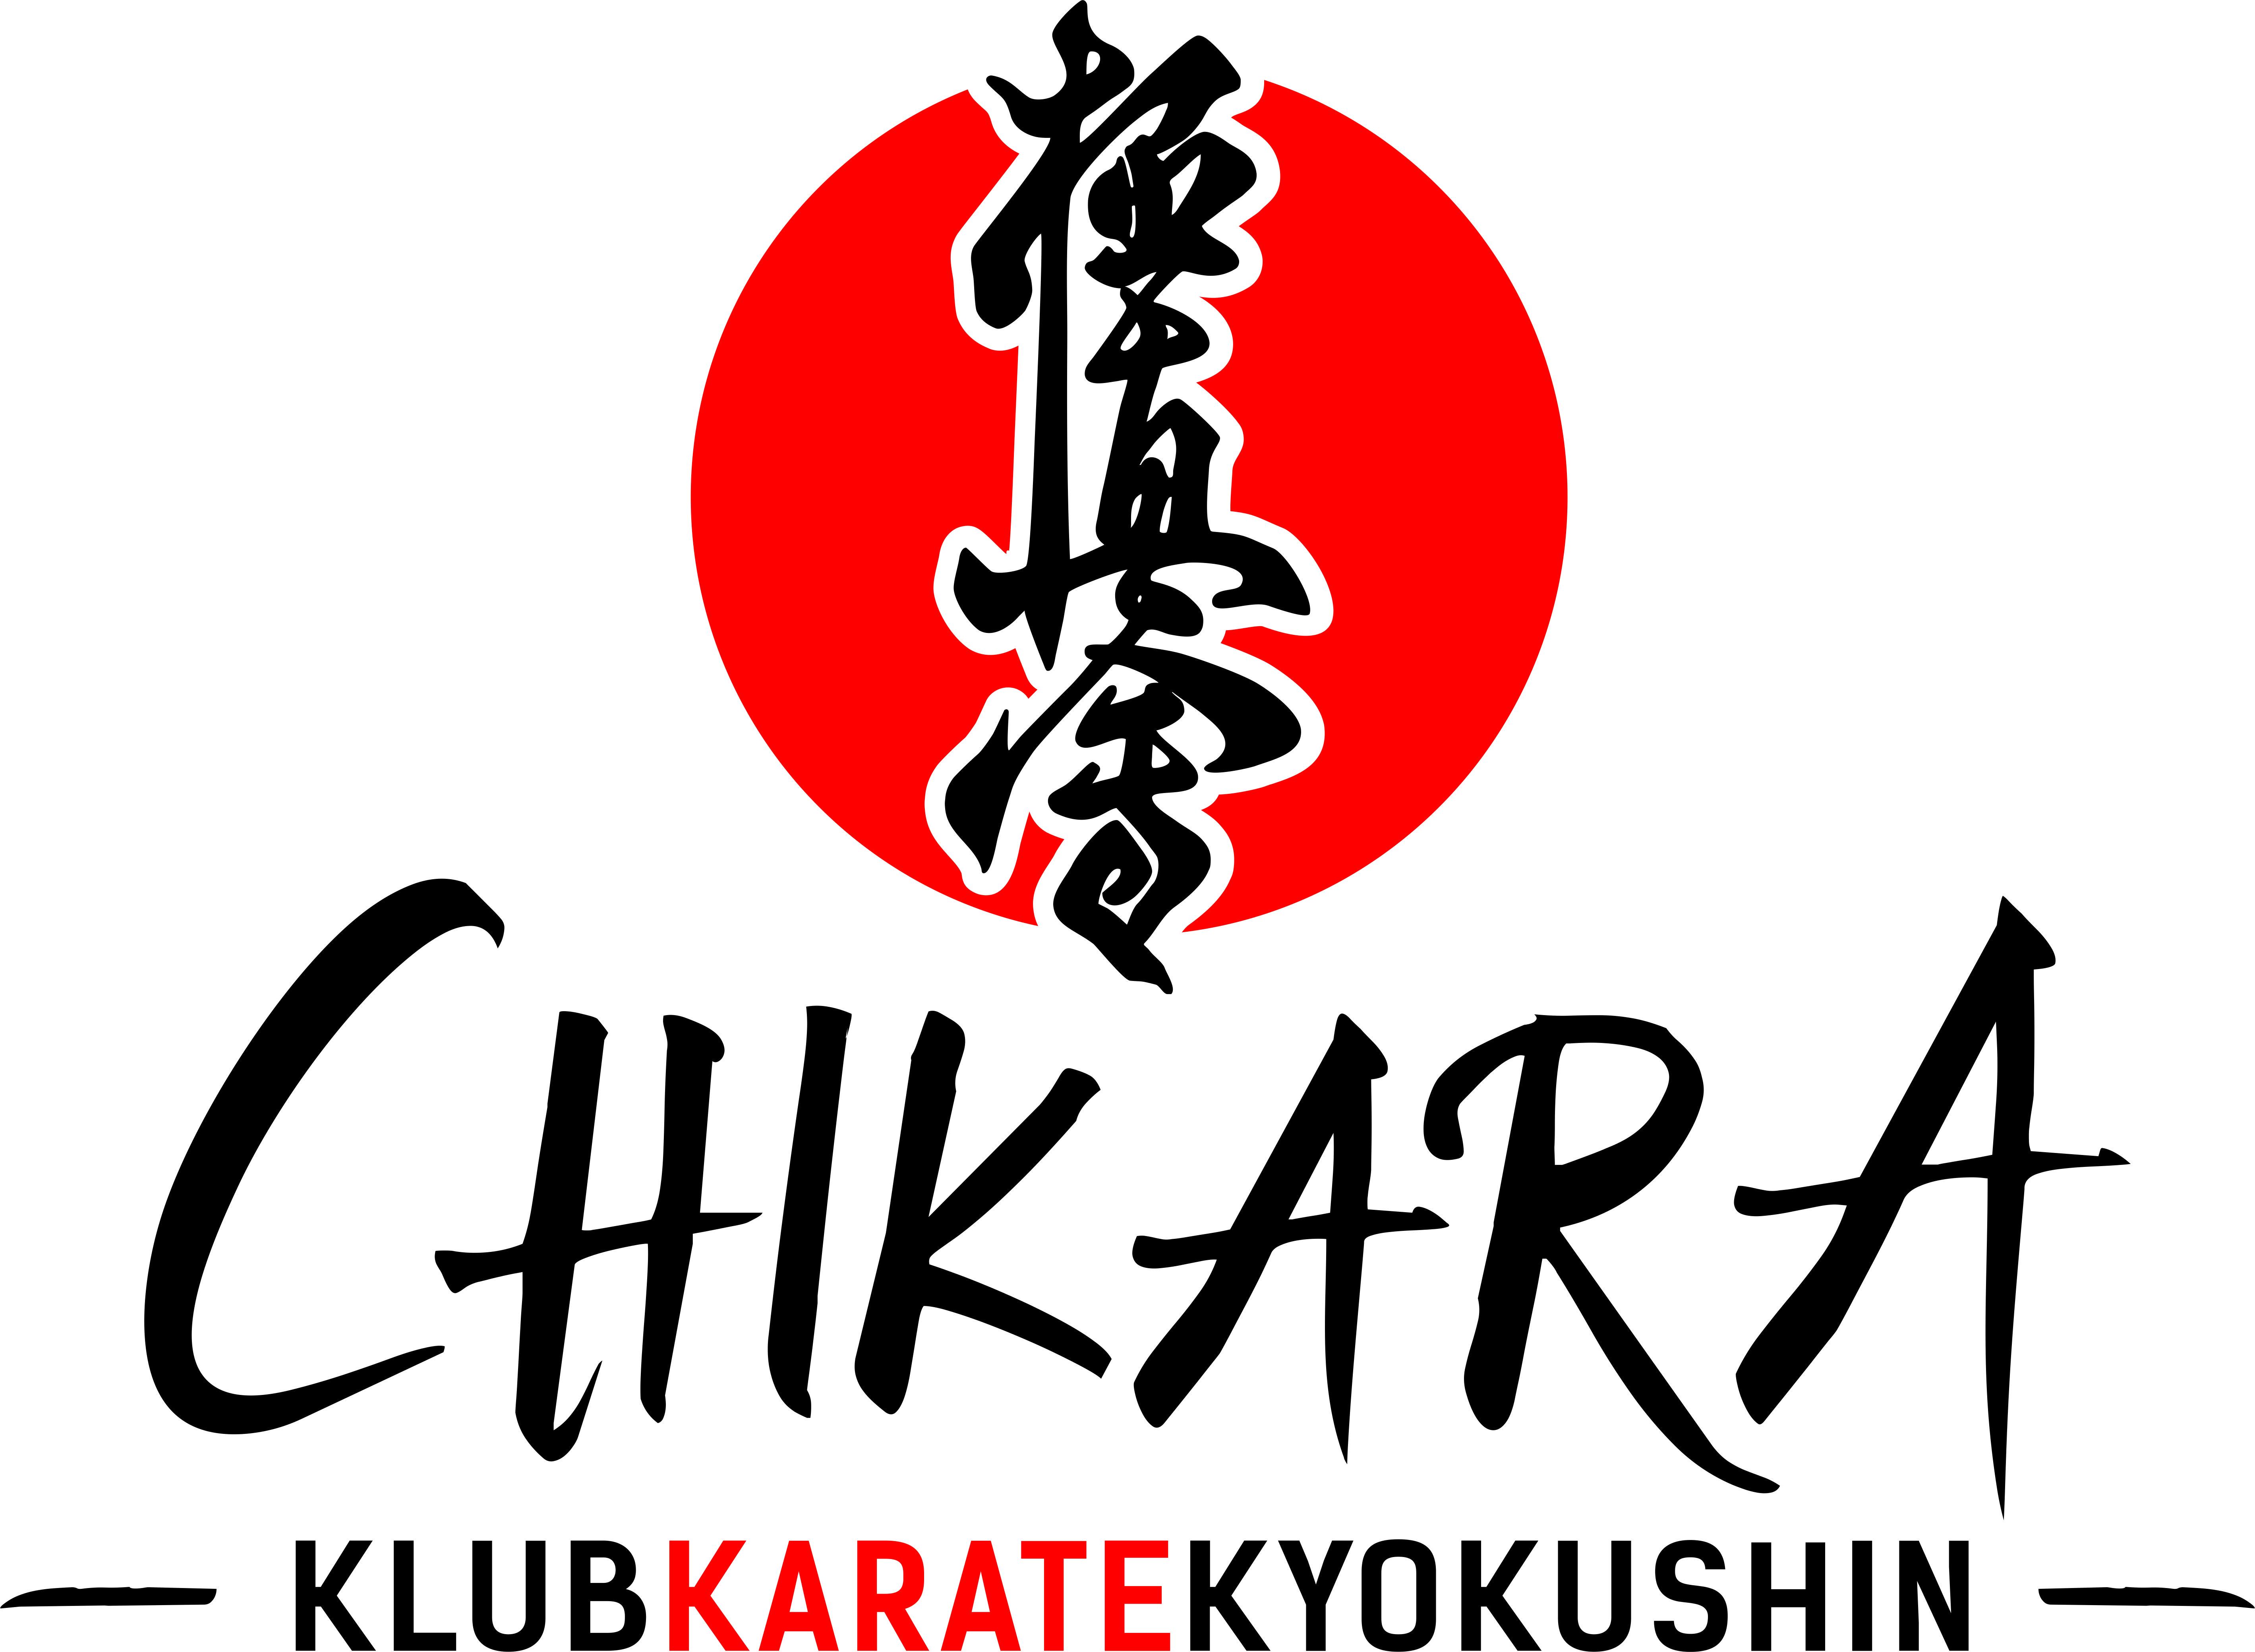 Klub Karate Kyokushin CHIKARA